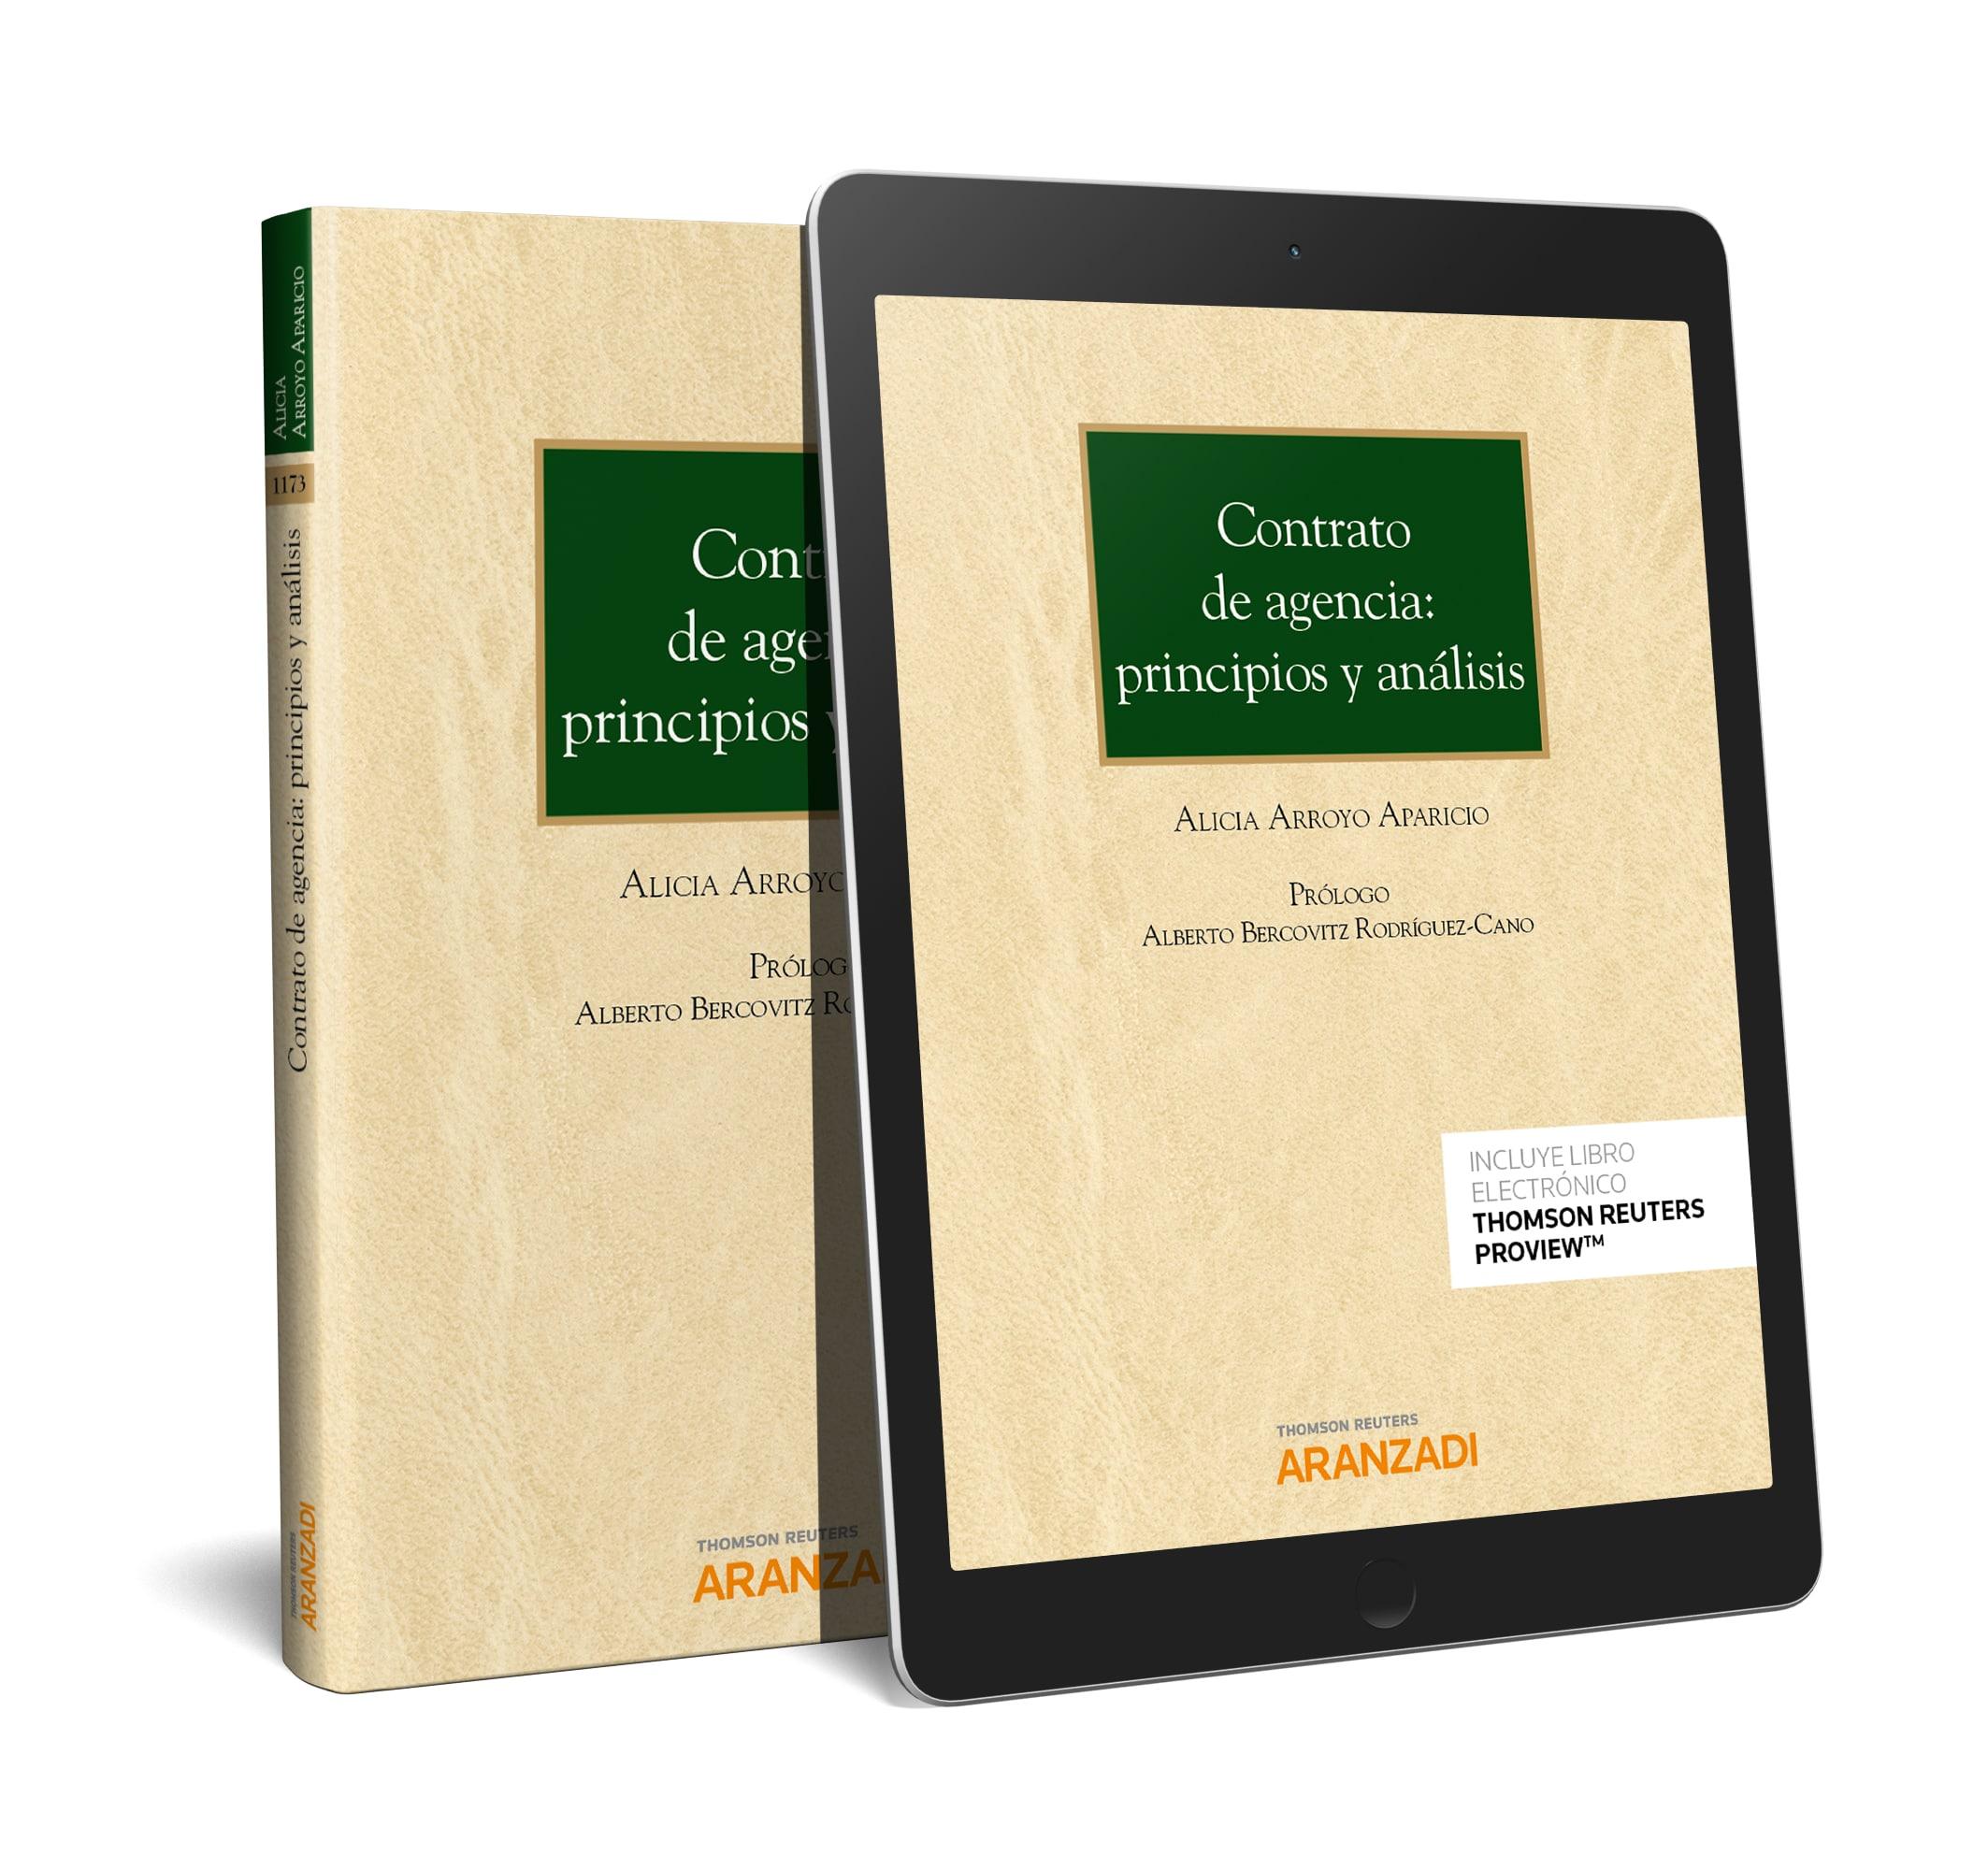 CONTRATO DE AGENCIA PRINCIPIOS Y ANALISIS.(DÚO)